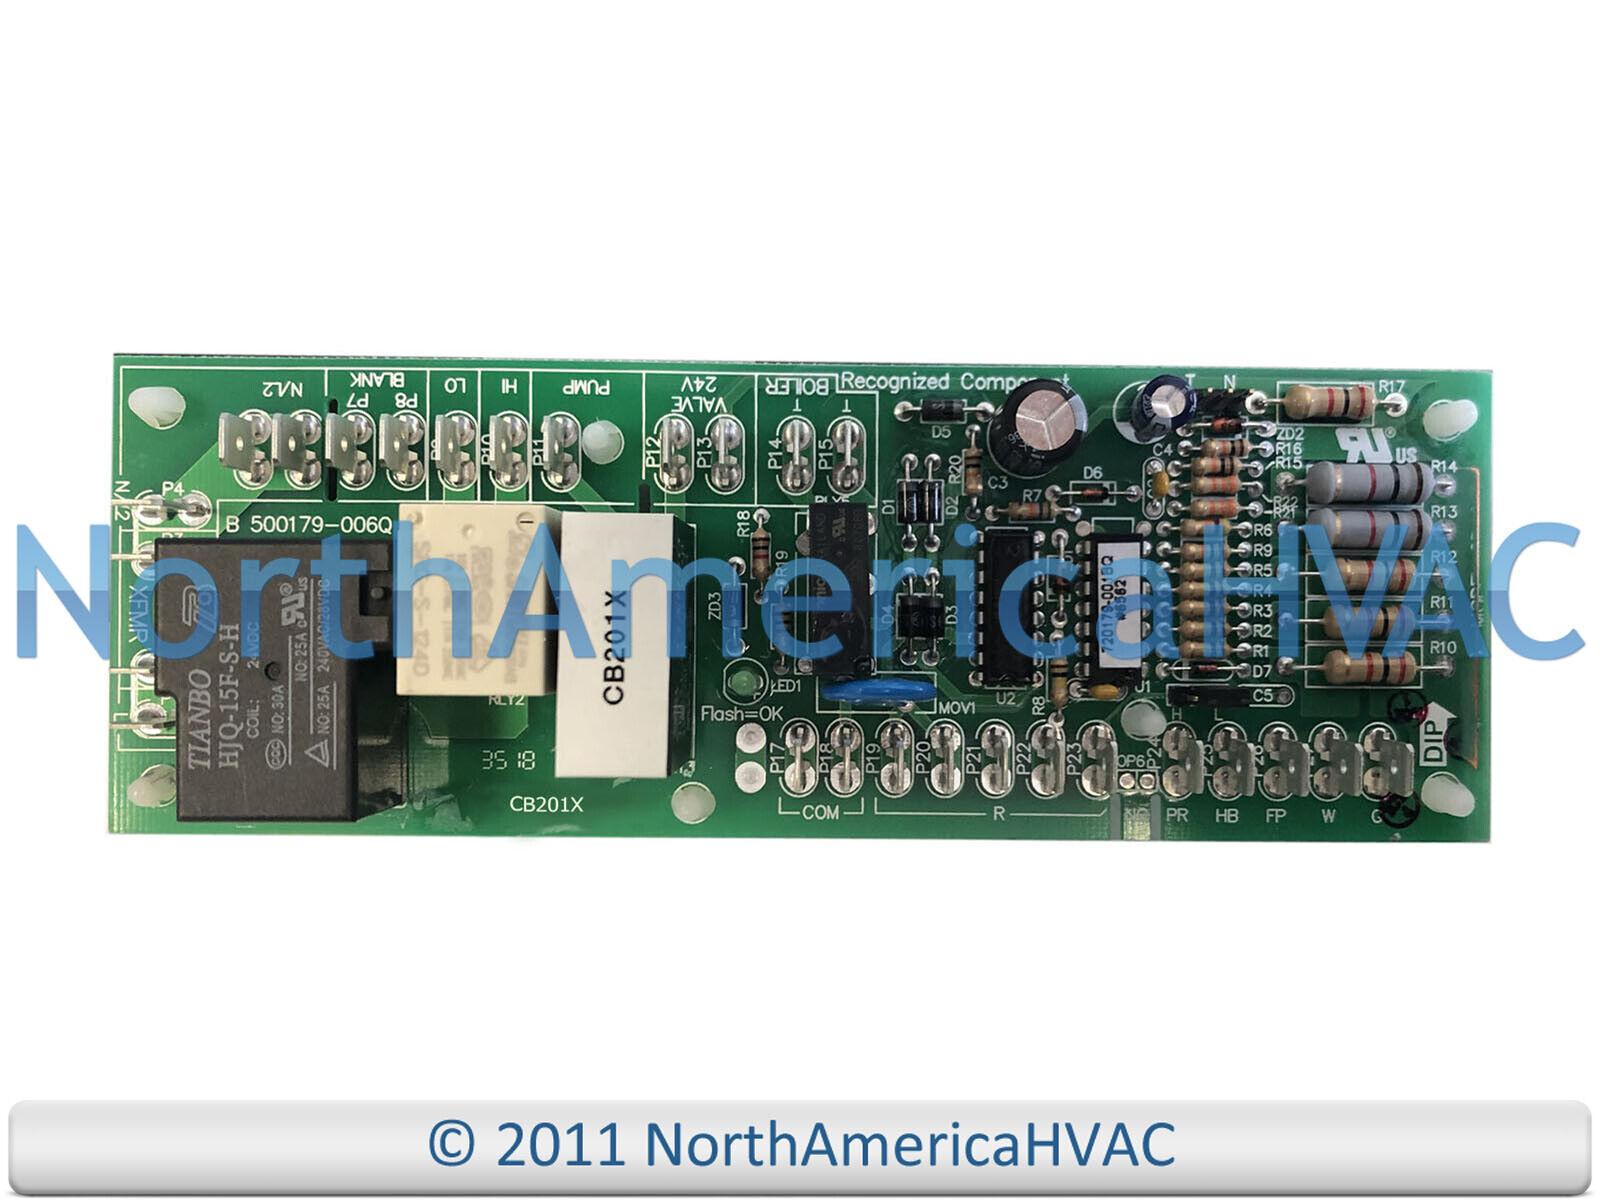 cb201x control board replaces first company cb201